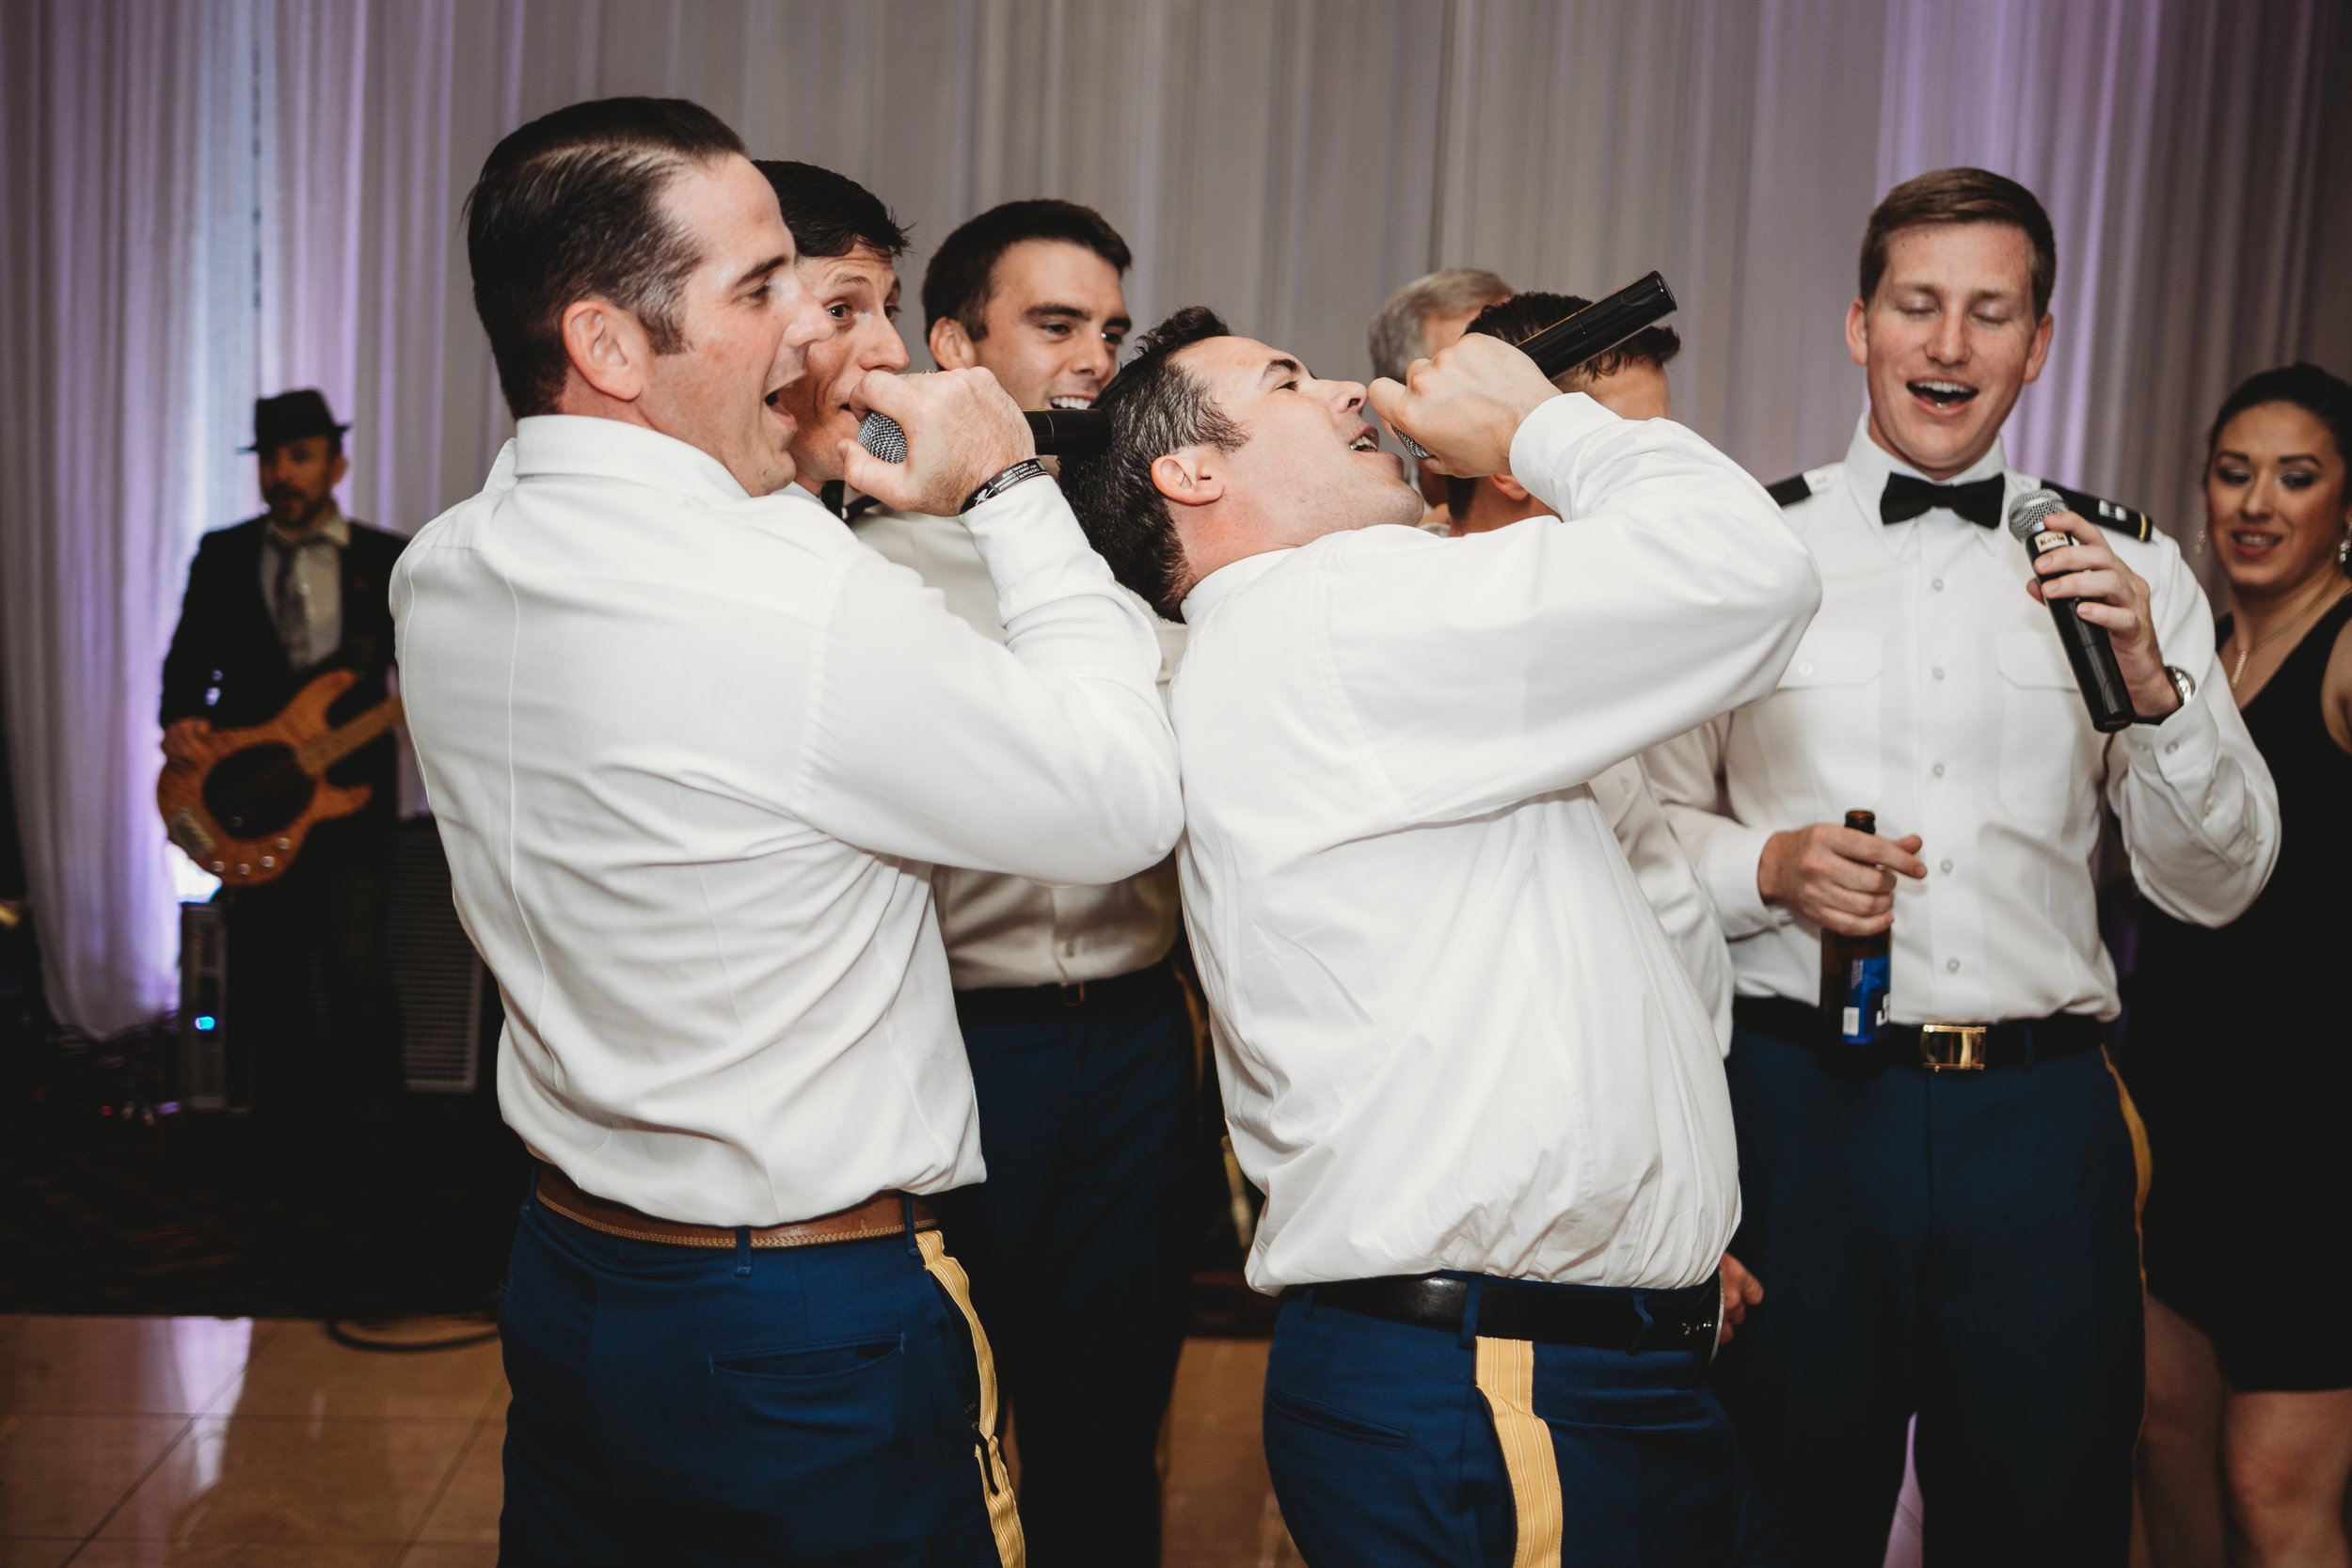 groomsmens-singing-to-bride.jpg